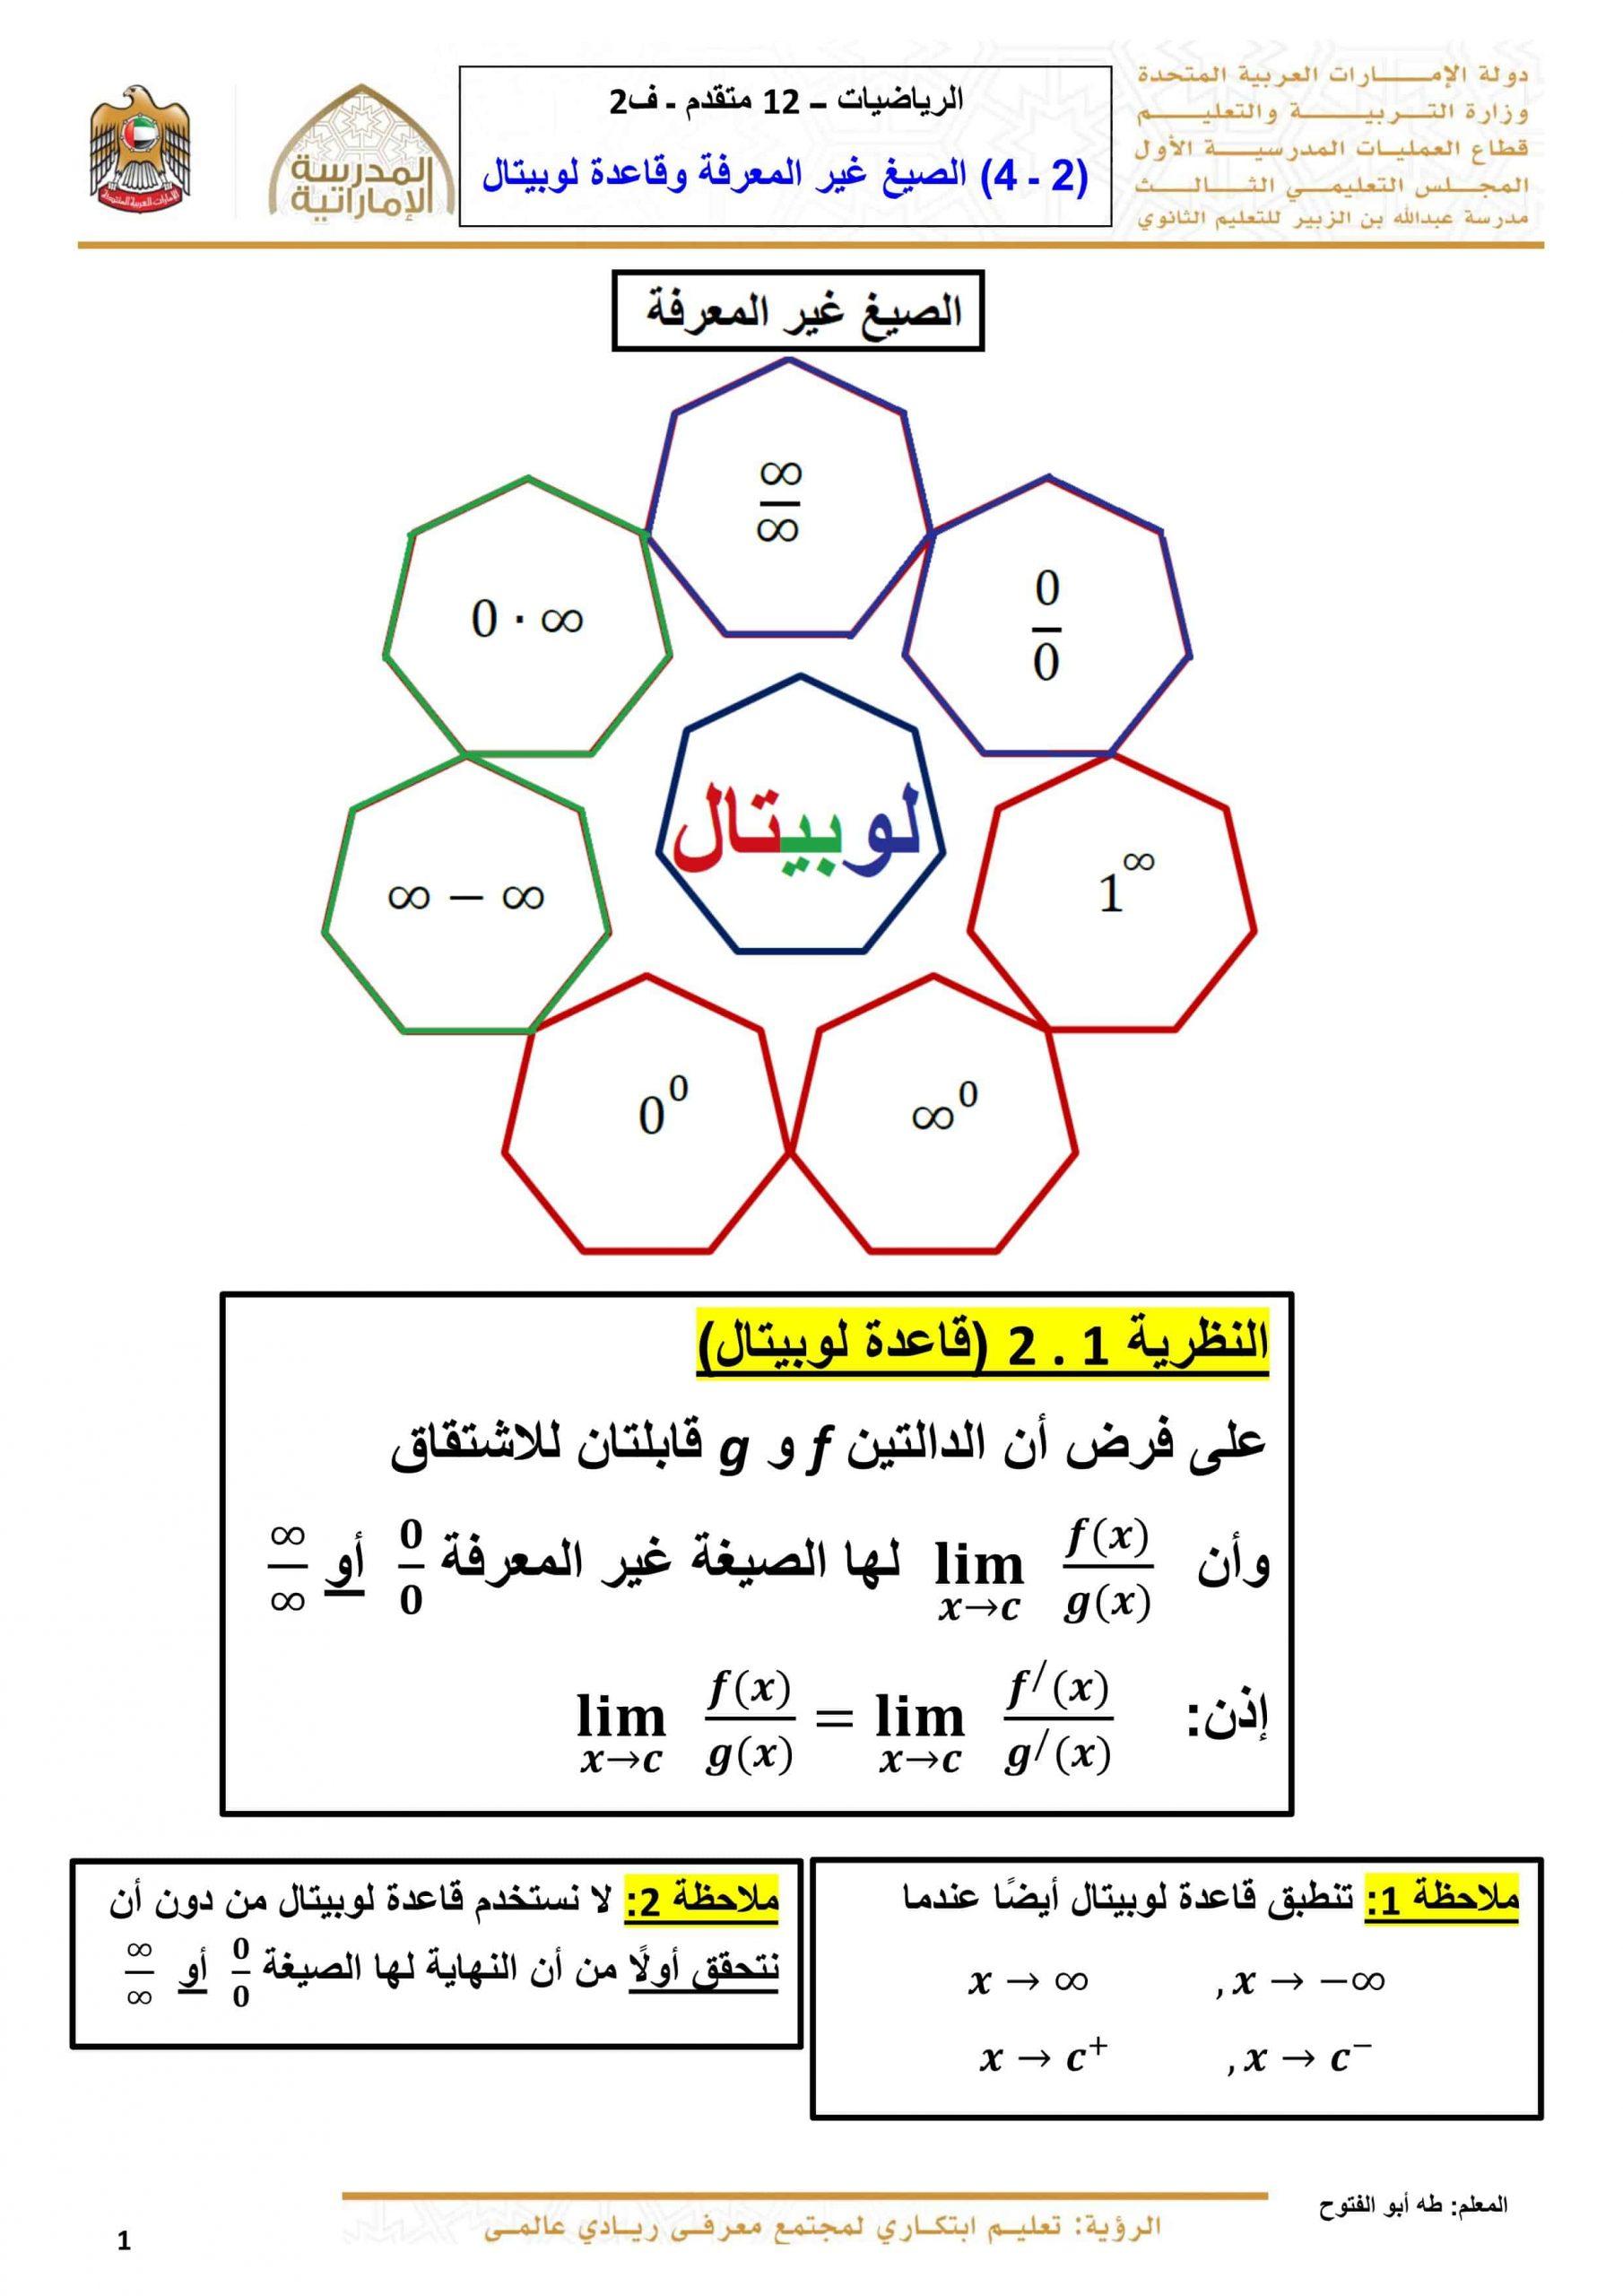 أوراق عمل درس الصيغ غير المعرفة وقاعدة لوبيتال الصف الثاني عشر مادة الرياضيات المتكاملة